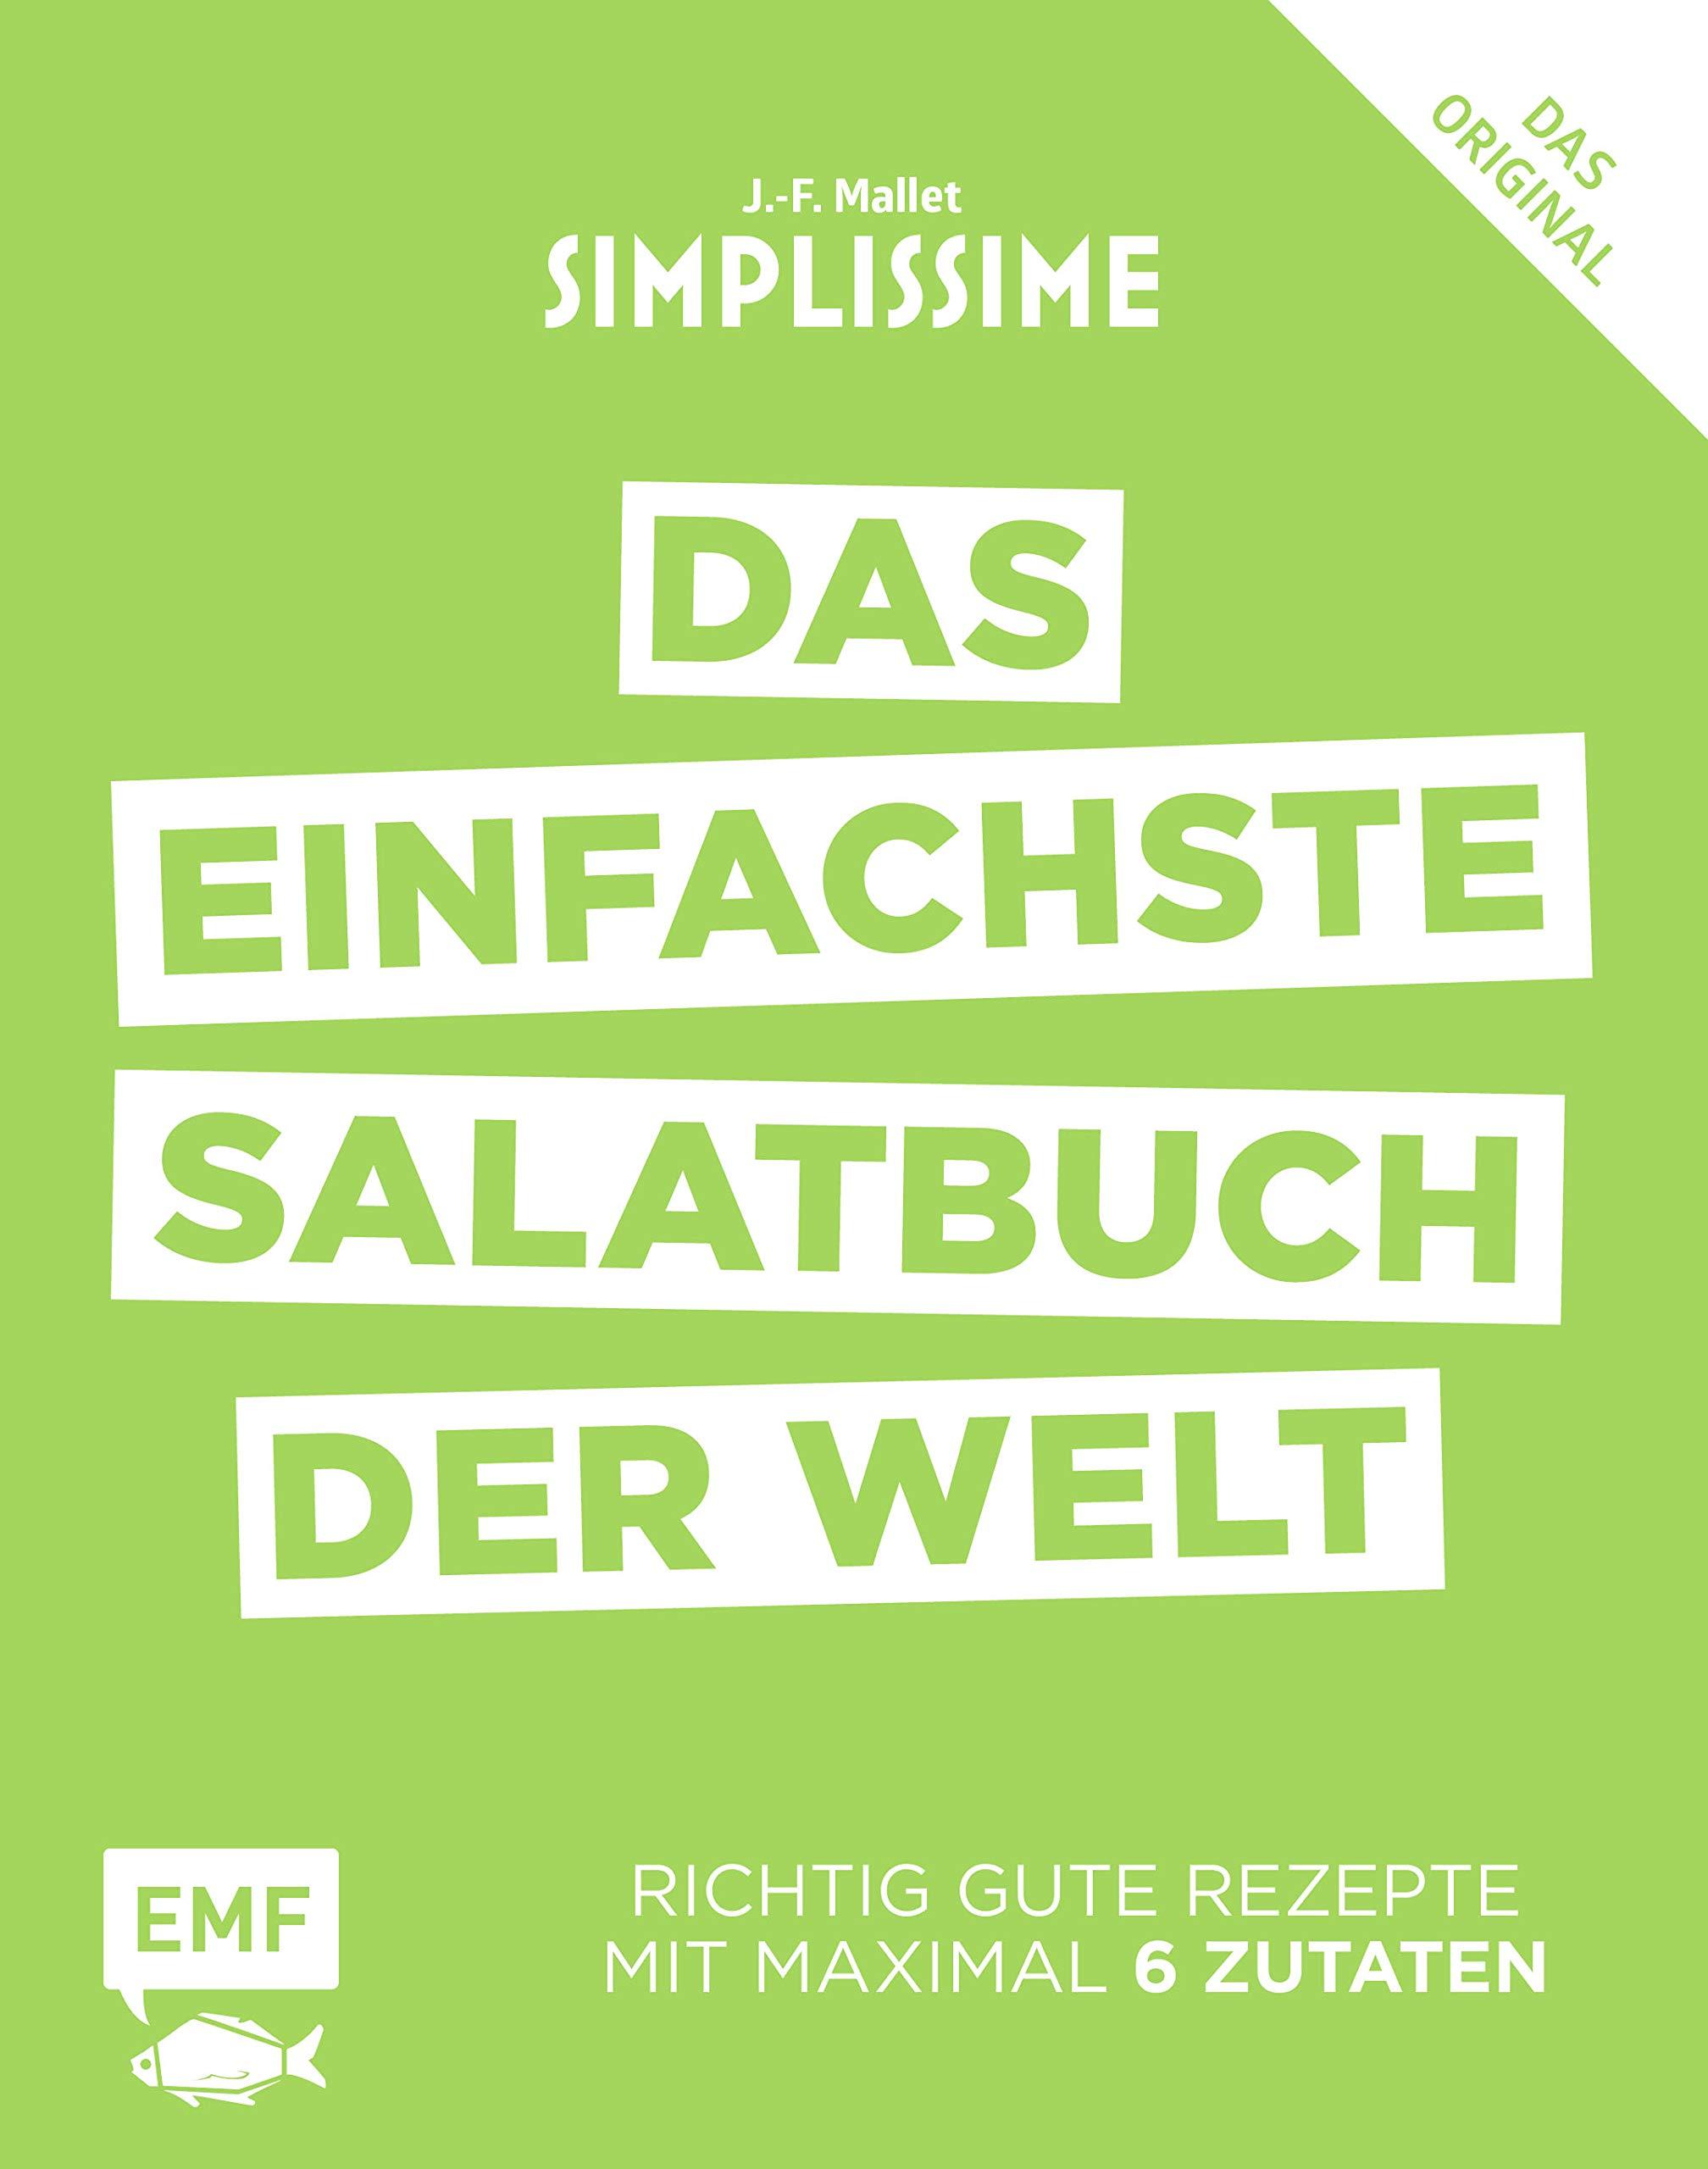 Simplissime – Das einfachste Salatbuch der Welt: Richtig gute Rezepte mit maximal 6 Zutaten